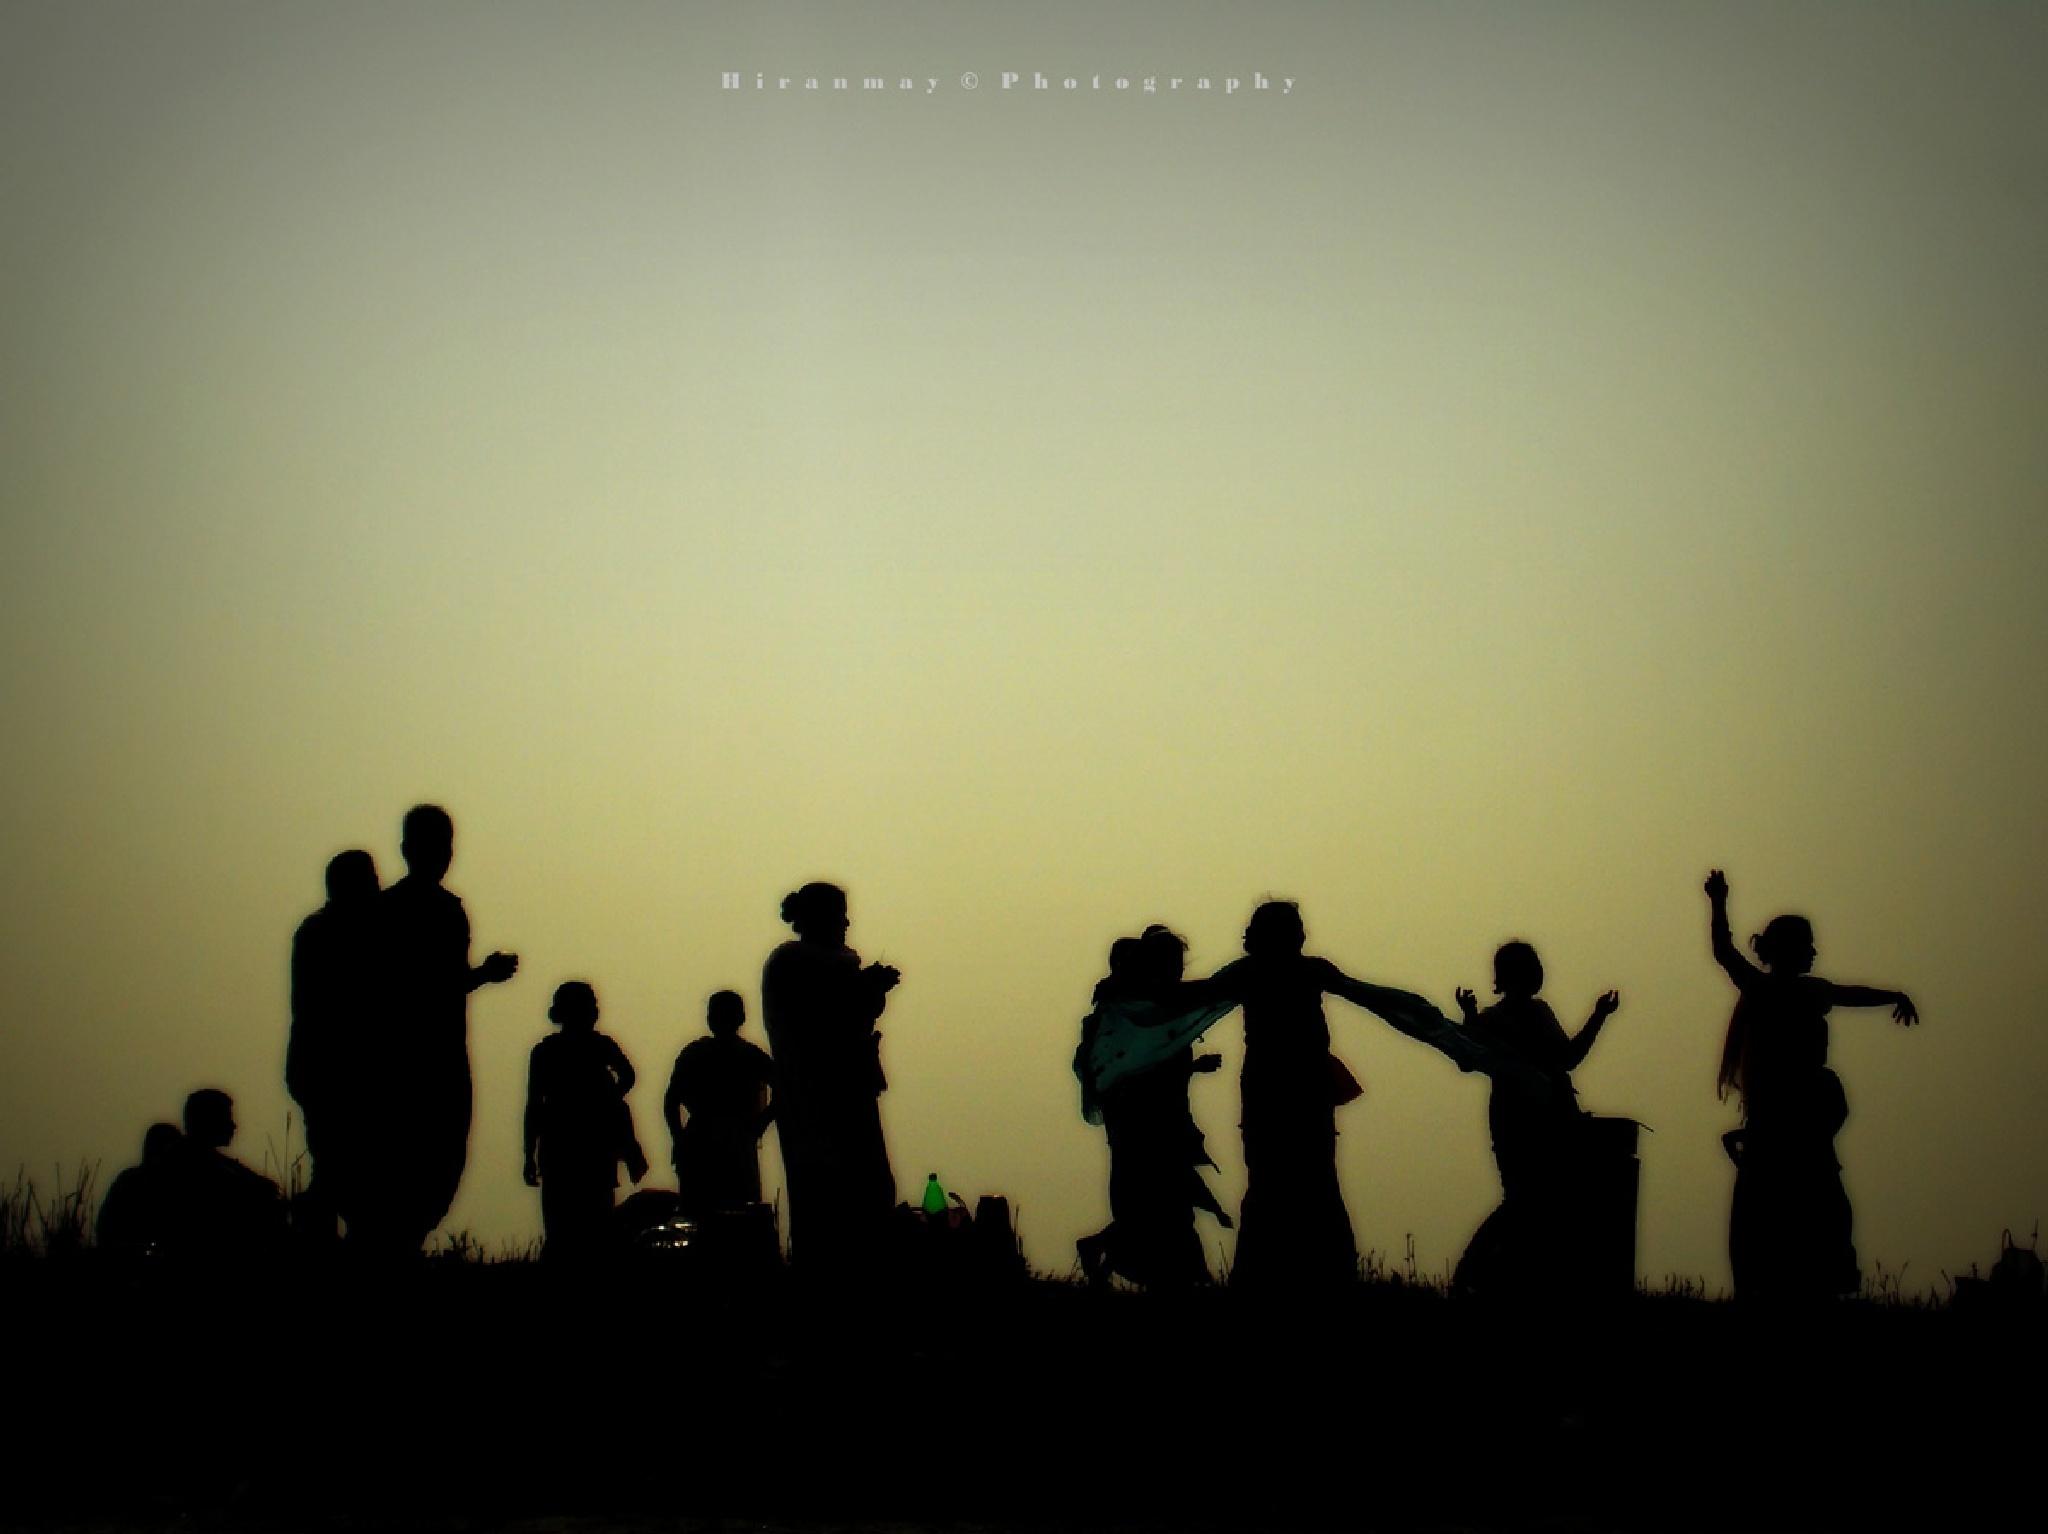 Celebration on the sunset by Hiranmay Basumatary